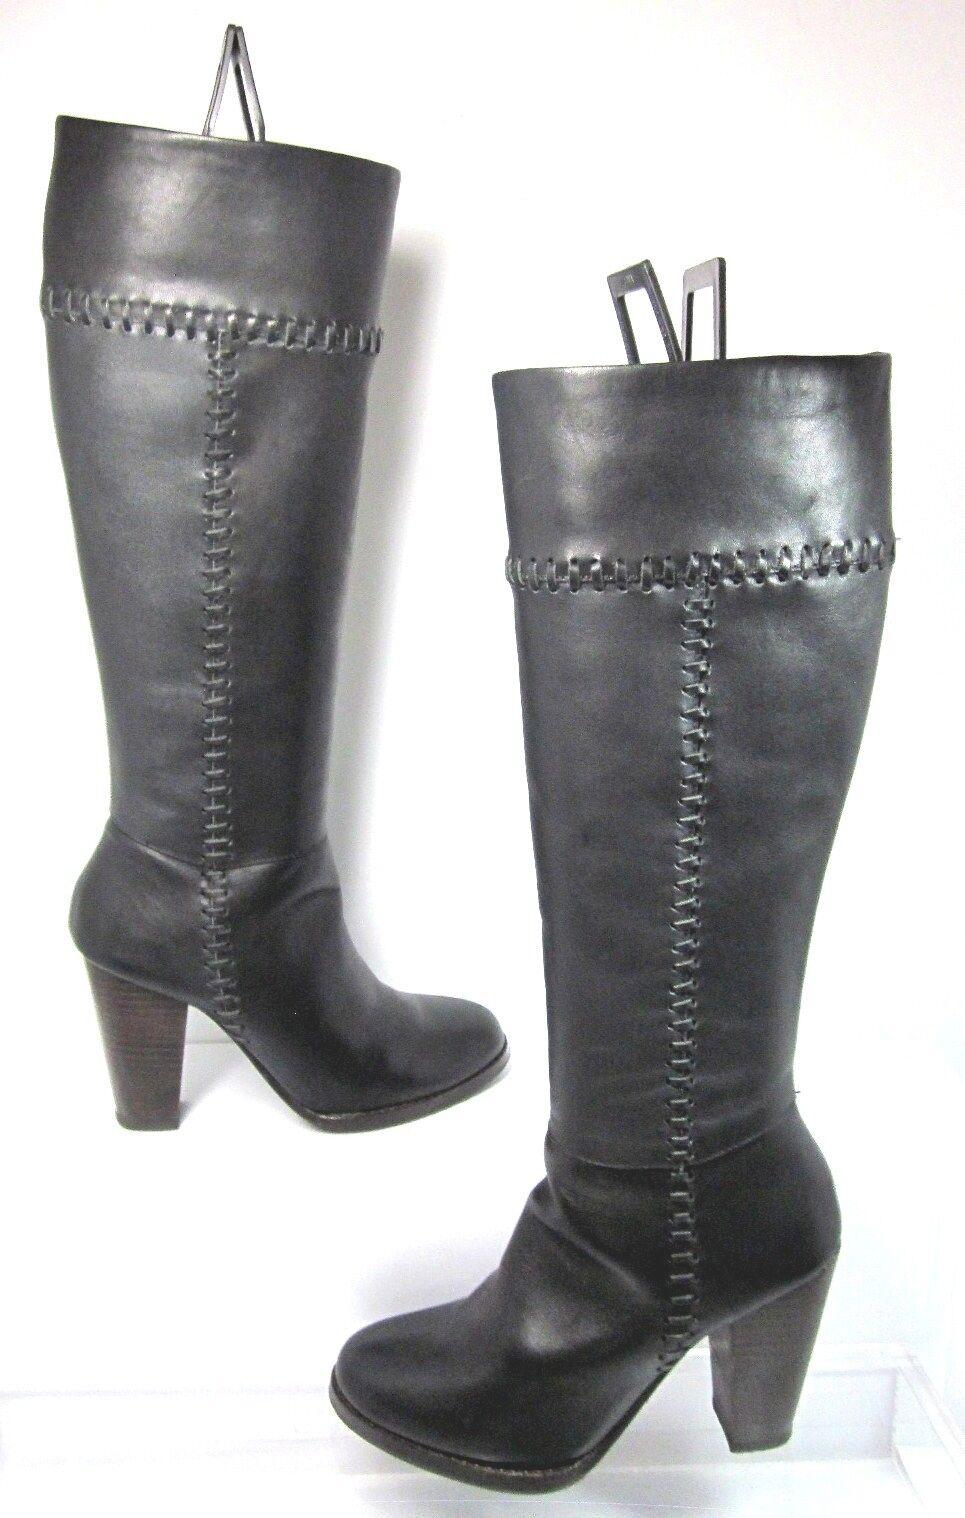 a buon mercato Joie Allman Knee High avvio nero Stitch Leather Side Side Side Zip Dimensione 35 Mint Condition  divertiti con uno sconto del 30-50%